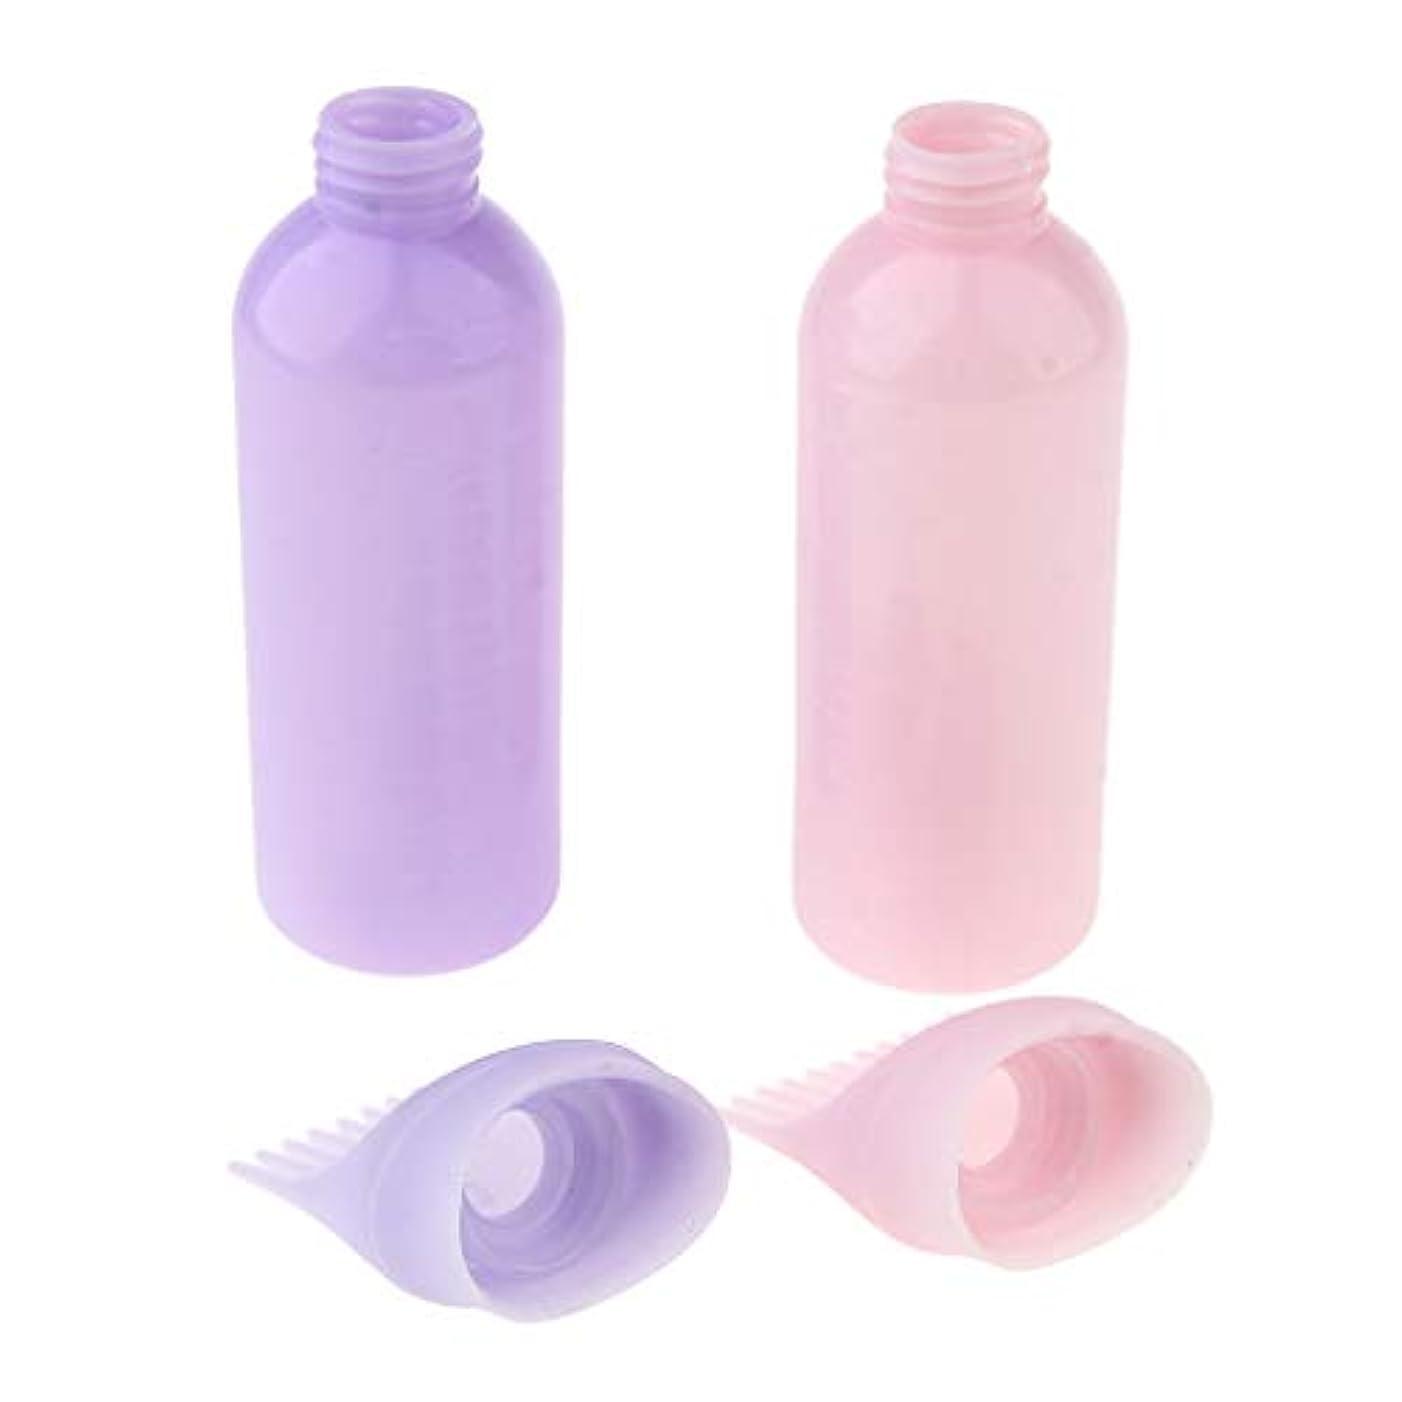 インド花瓶ほとんどない全2個 ヘアカラー 毛染め 着色ボトル ヘアダイコーム ブラシ サロン 美容師 ツール